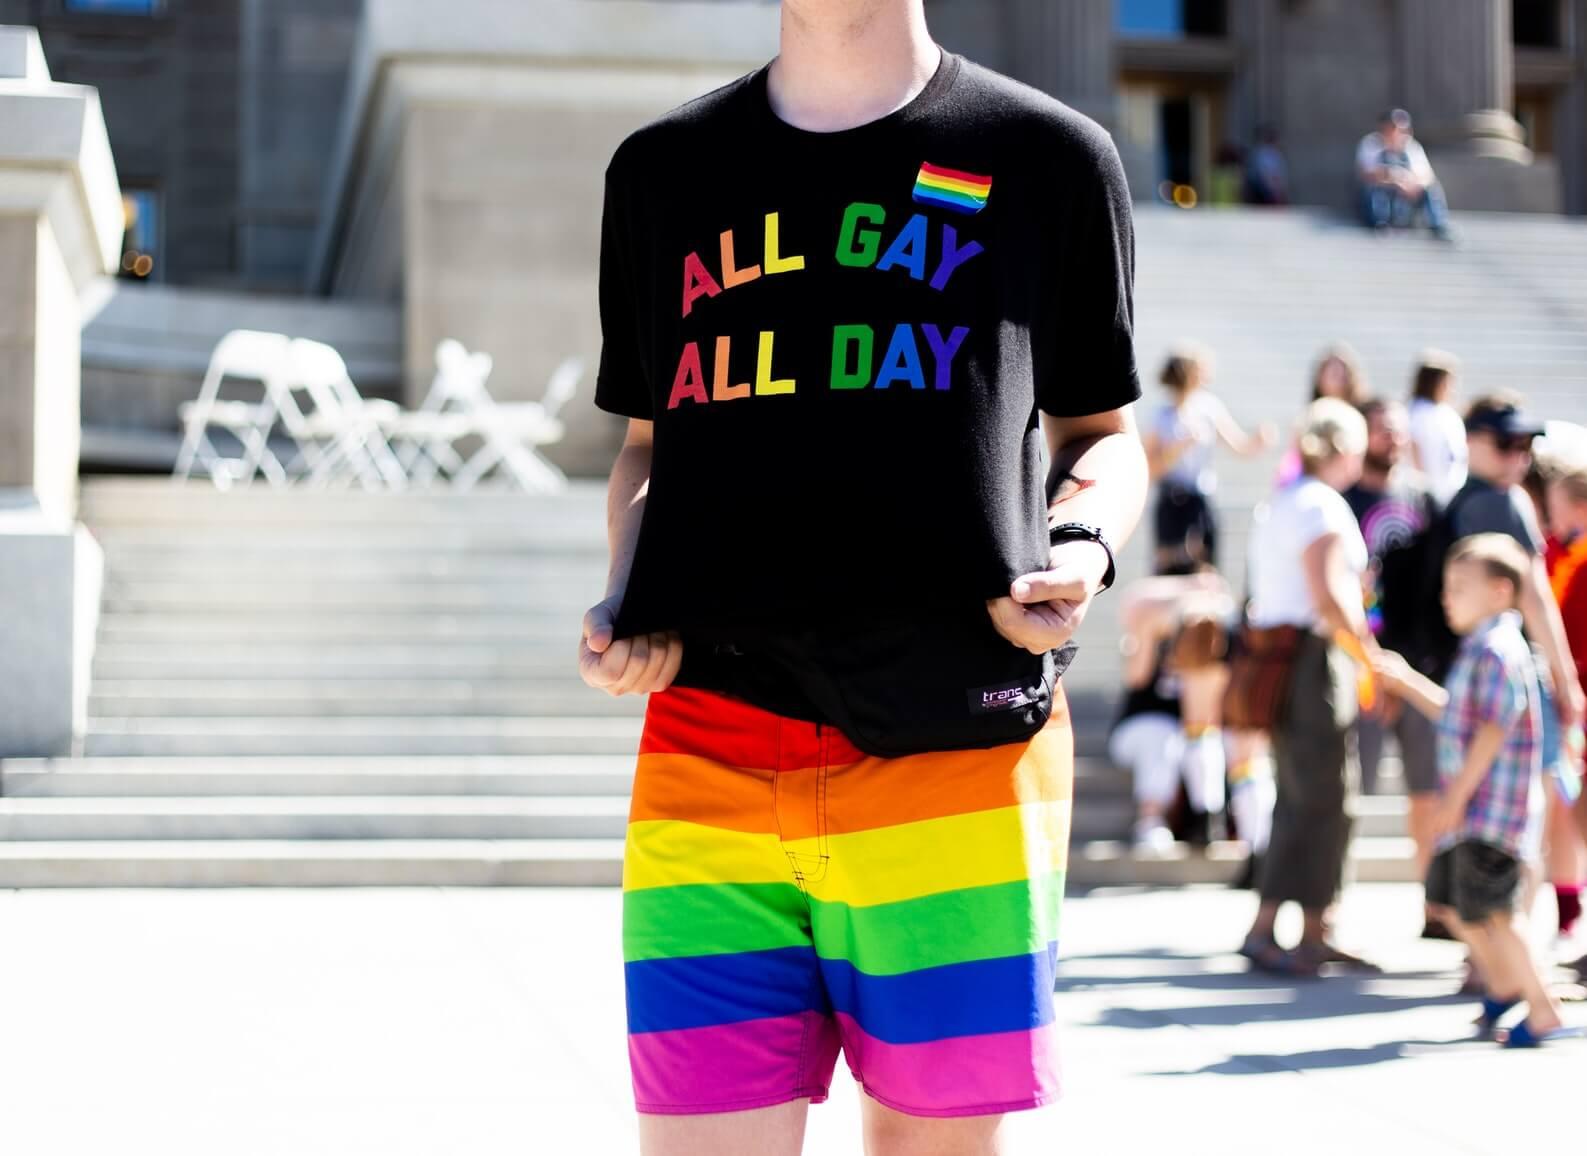 Поясним за новости: появился список опасных стран для ЛГБТК+